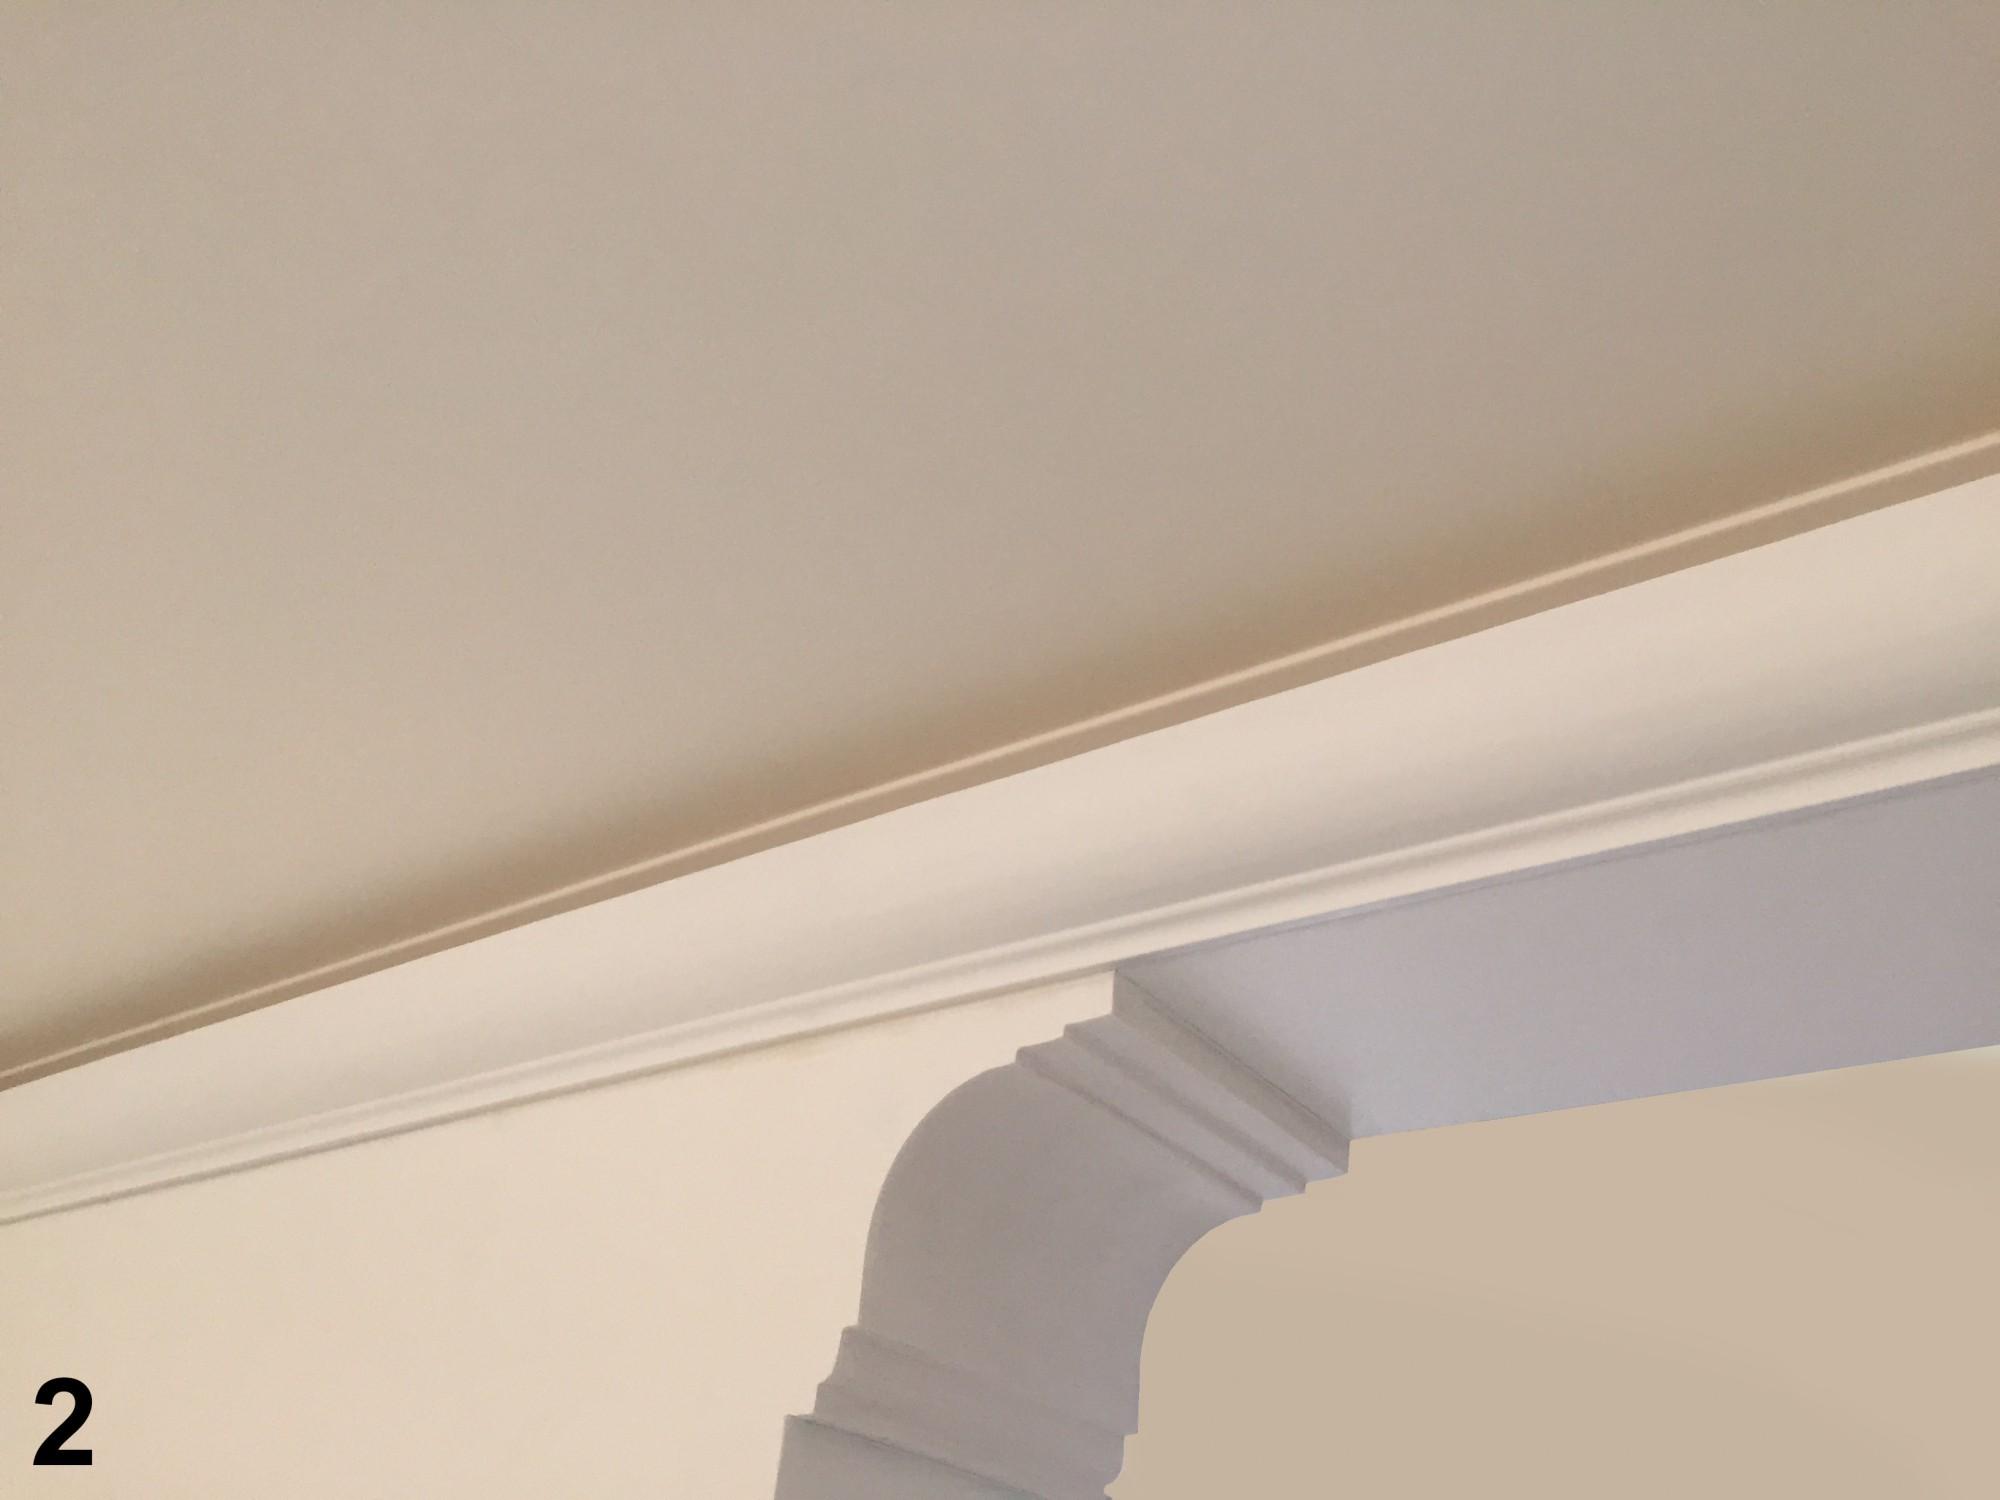 100 meter led profil, pu stuckleiste indirekte beleuchtung, Wohnzimmer dekoo